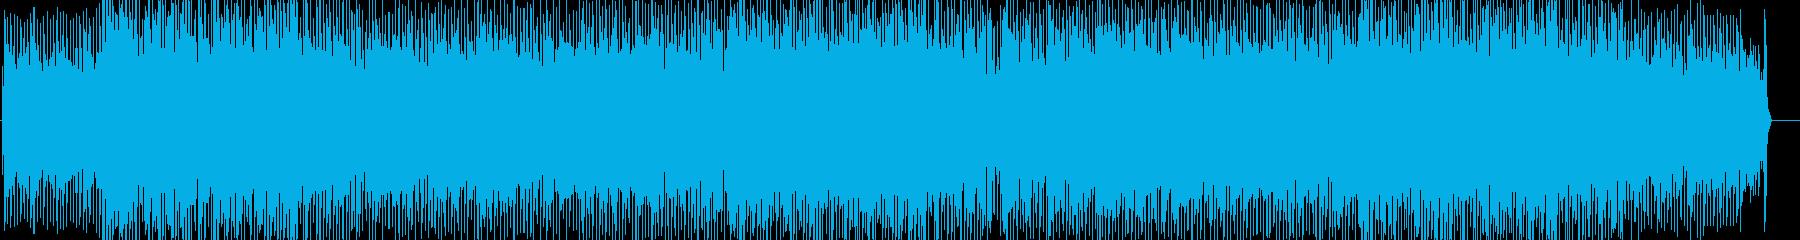 エンディングにぴったりのテクノポップの再生済みの波形